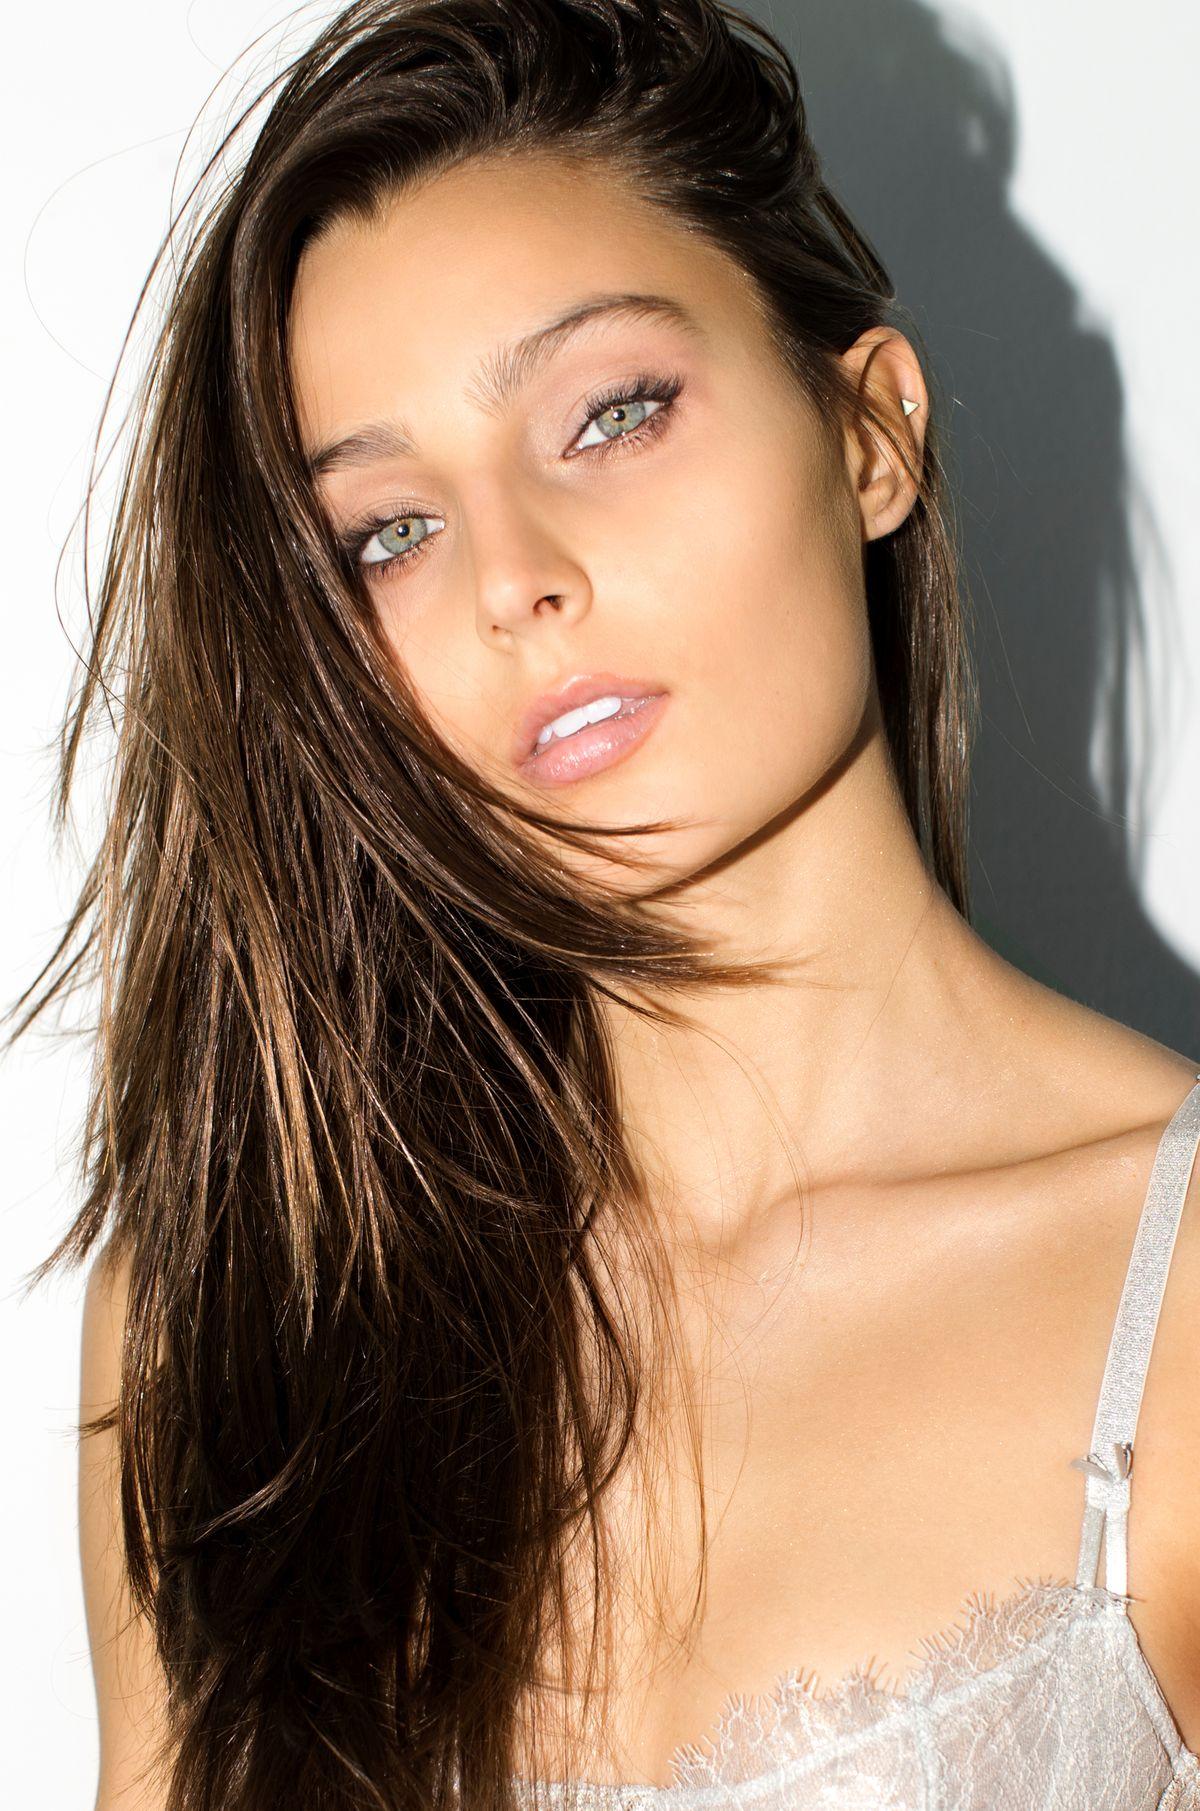 Model Logan Kemp